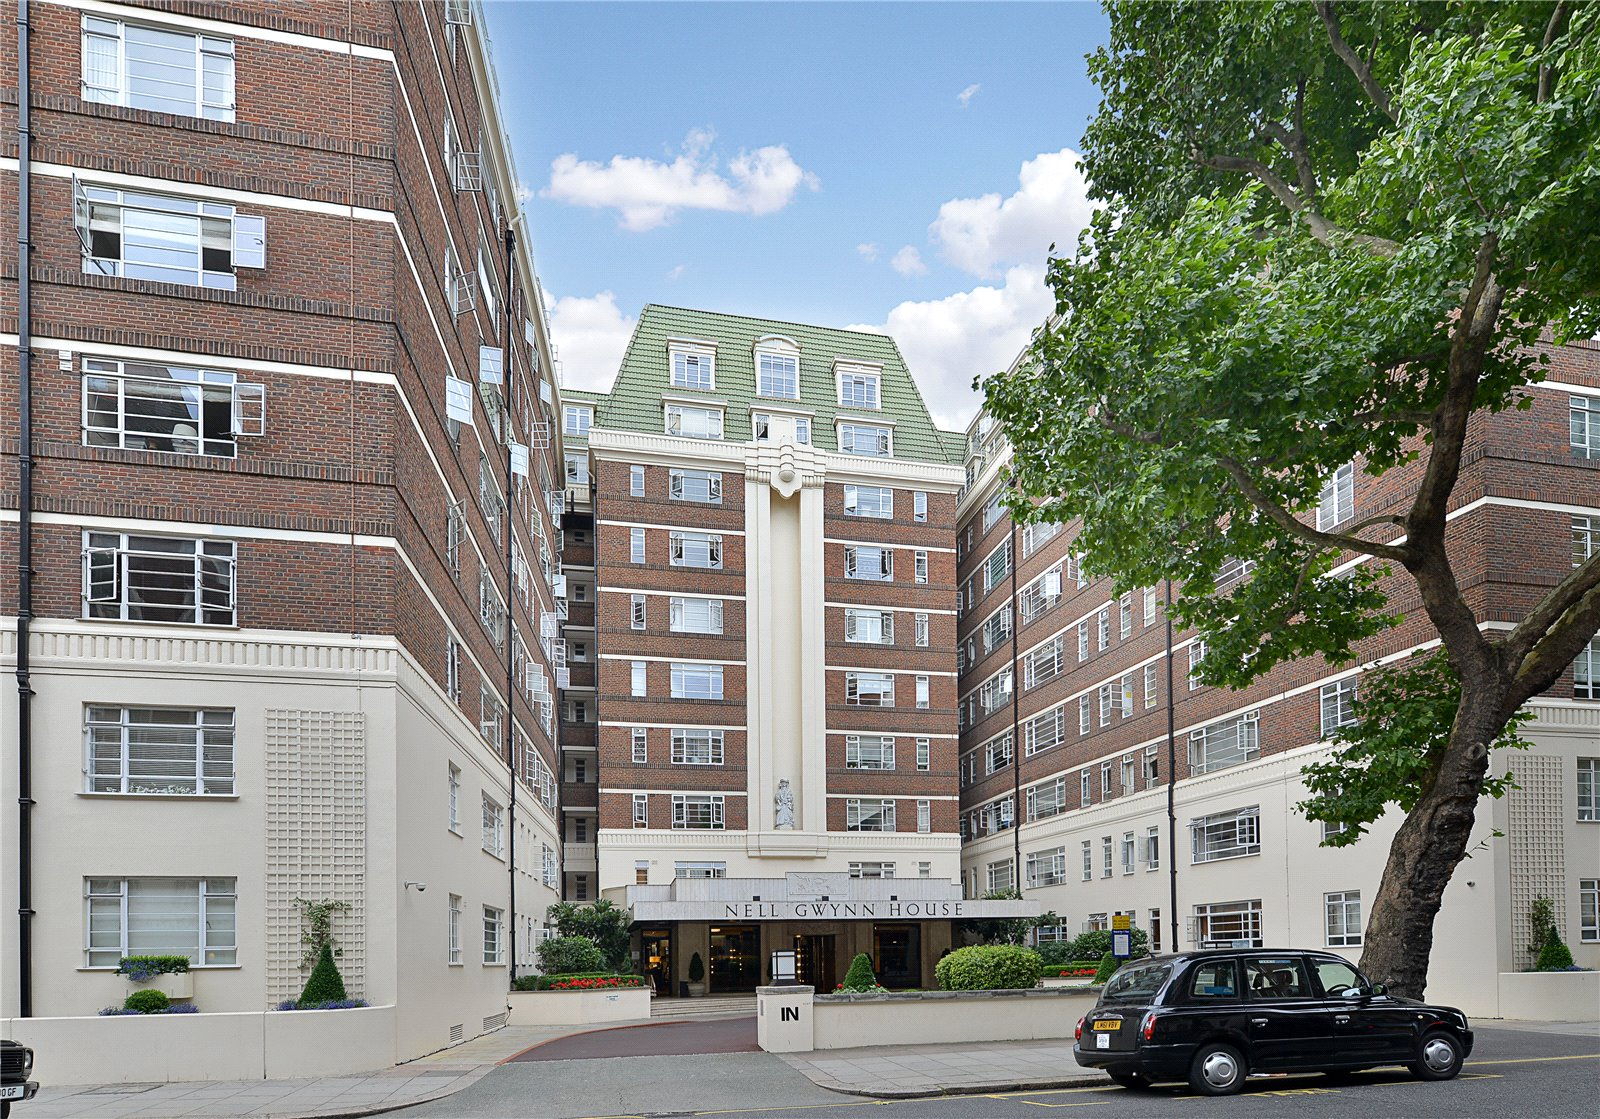 Sloane Avenue  Knightsbridge  SW3